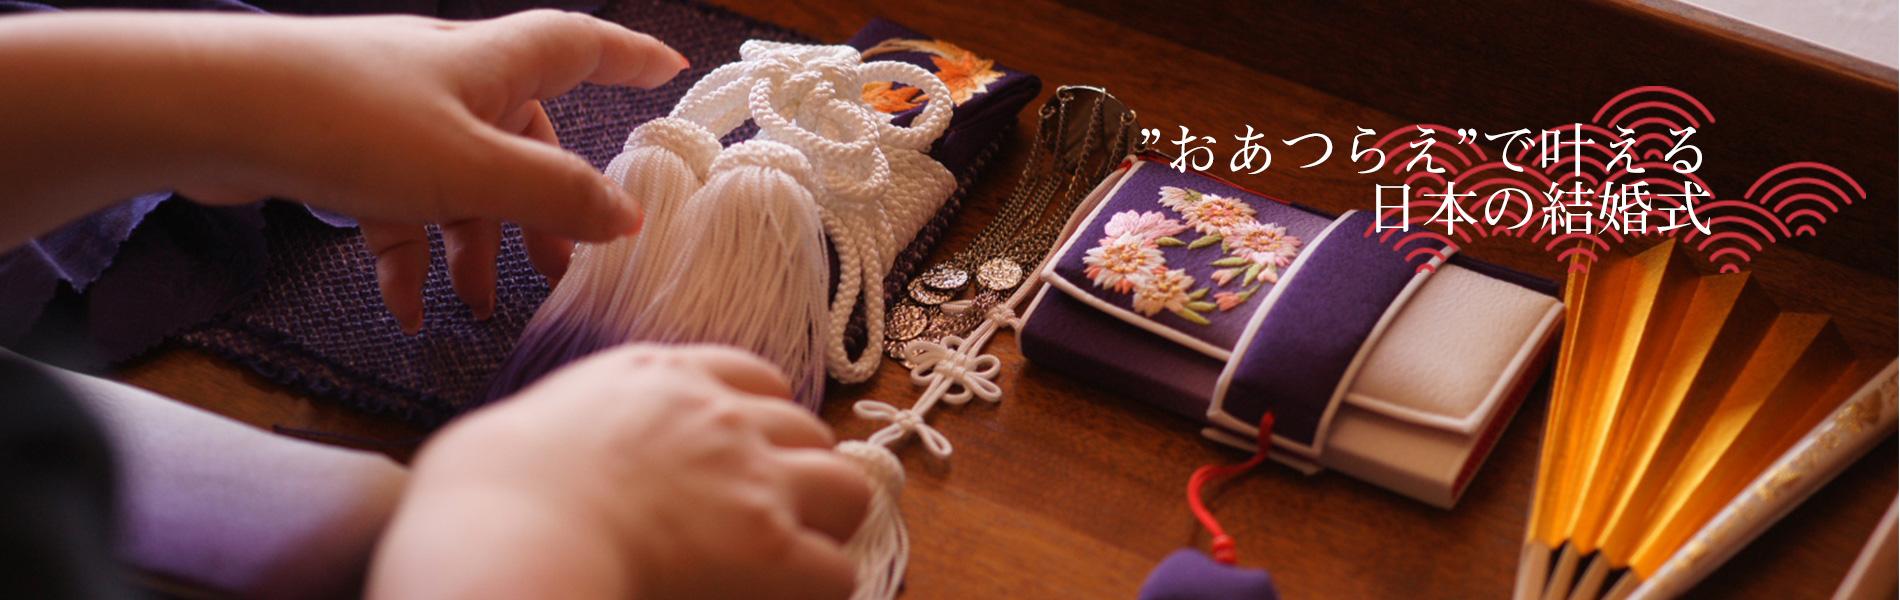 おあつらえで叶える日本の結婚式